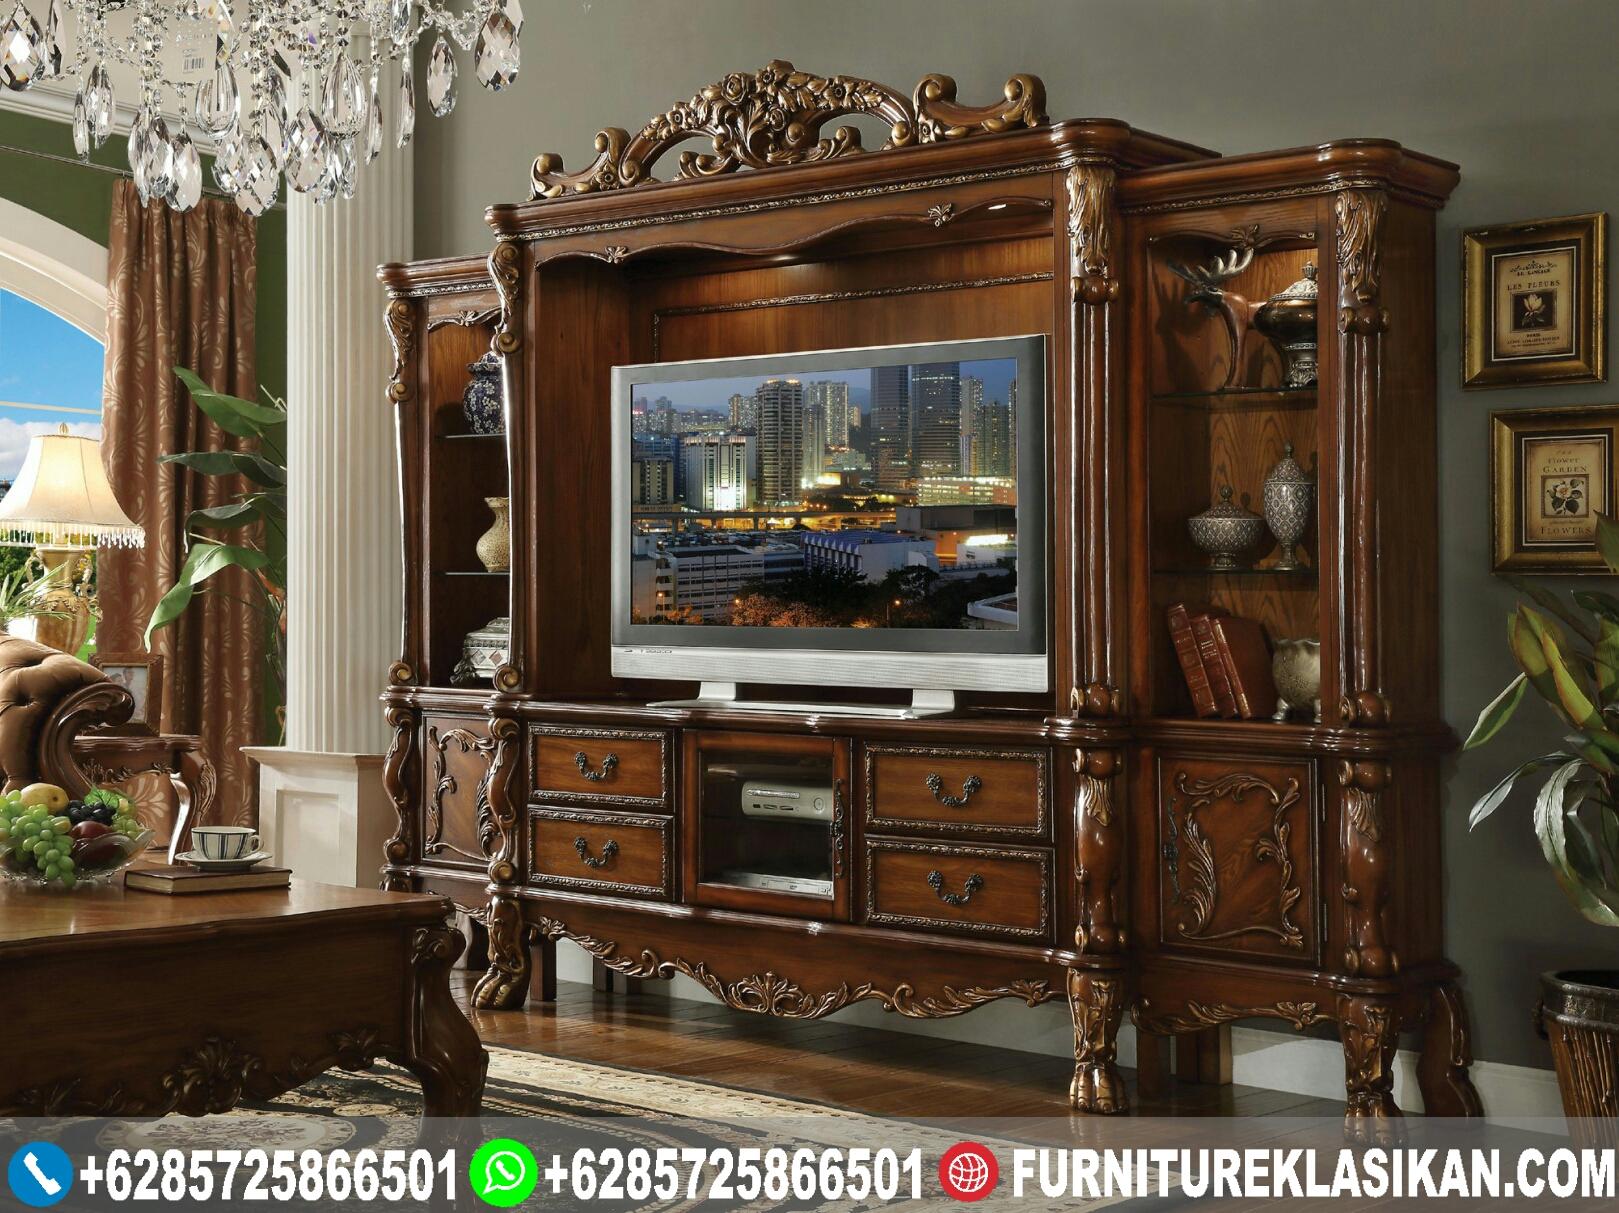 https://furnitureklasikan.com/wp-content/uploads/2018/03/bufet-tv-jati-lemari-pajangan-natural-classic.jpg